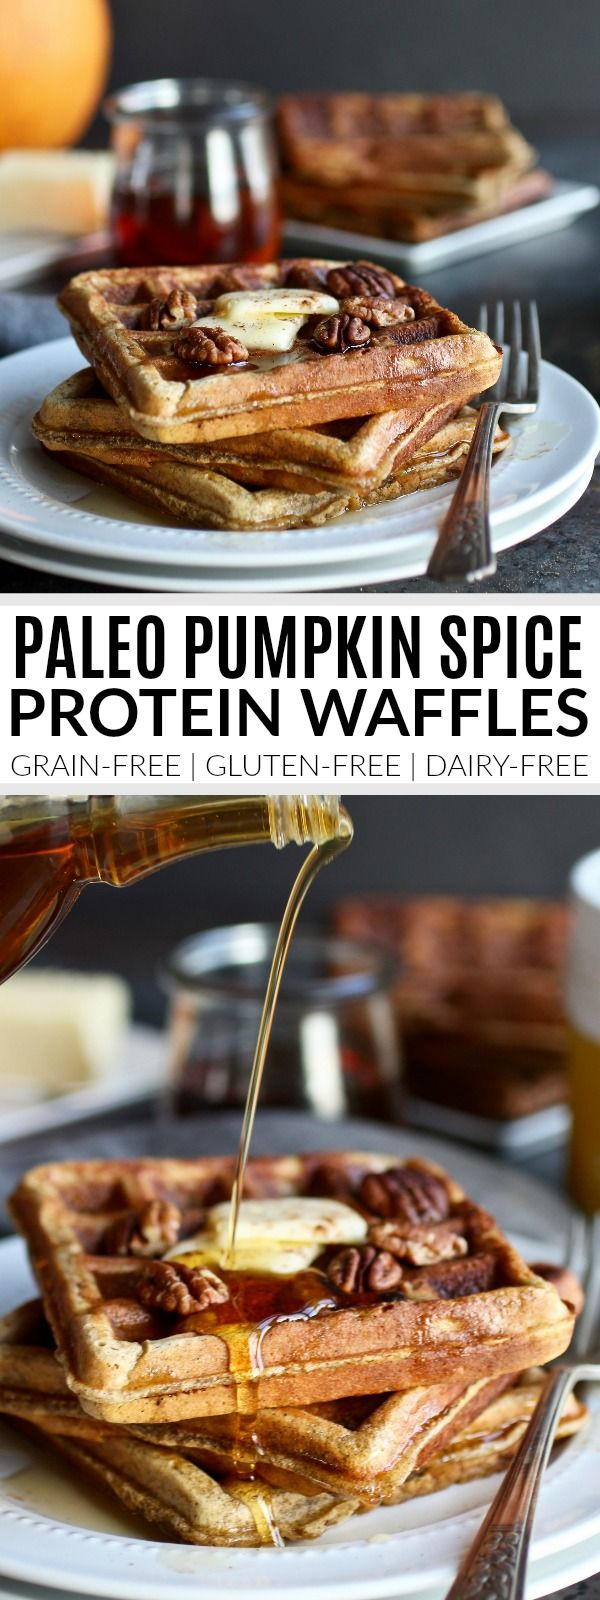 Paleo Pumpkin Spice Protein Waffles | grain-free waffle recipe | gluten-free waffle recipe | dairy-free waffle recipe | healthy waffle recipe | paleo waffle recipe | pumokin waffle recipe | paleo breakfast recipes | gluten-free breakfast recipes | dairy-free breakfast recipes | healthy breakfast recipes || The Real Food Dietitians #paleo #glutenfree #healthywaffles #healthybreakfast